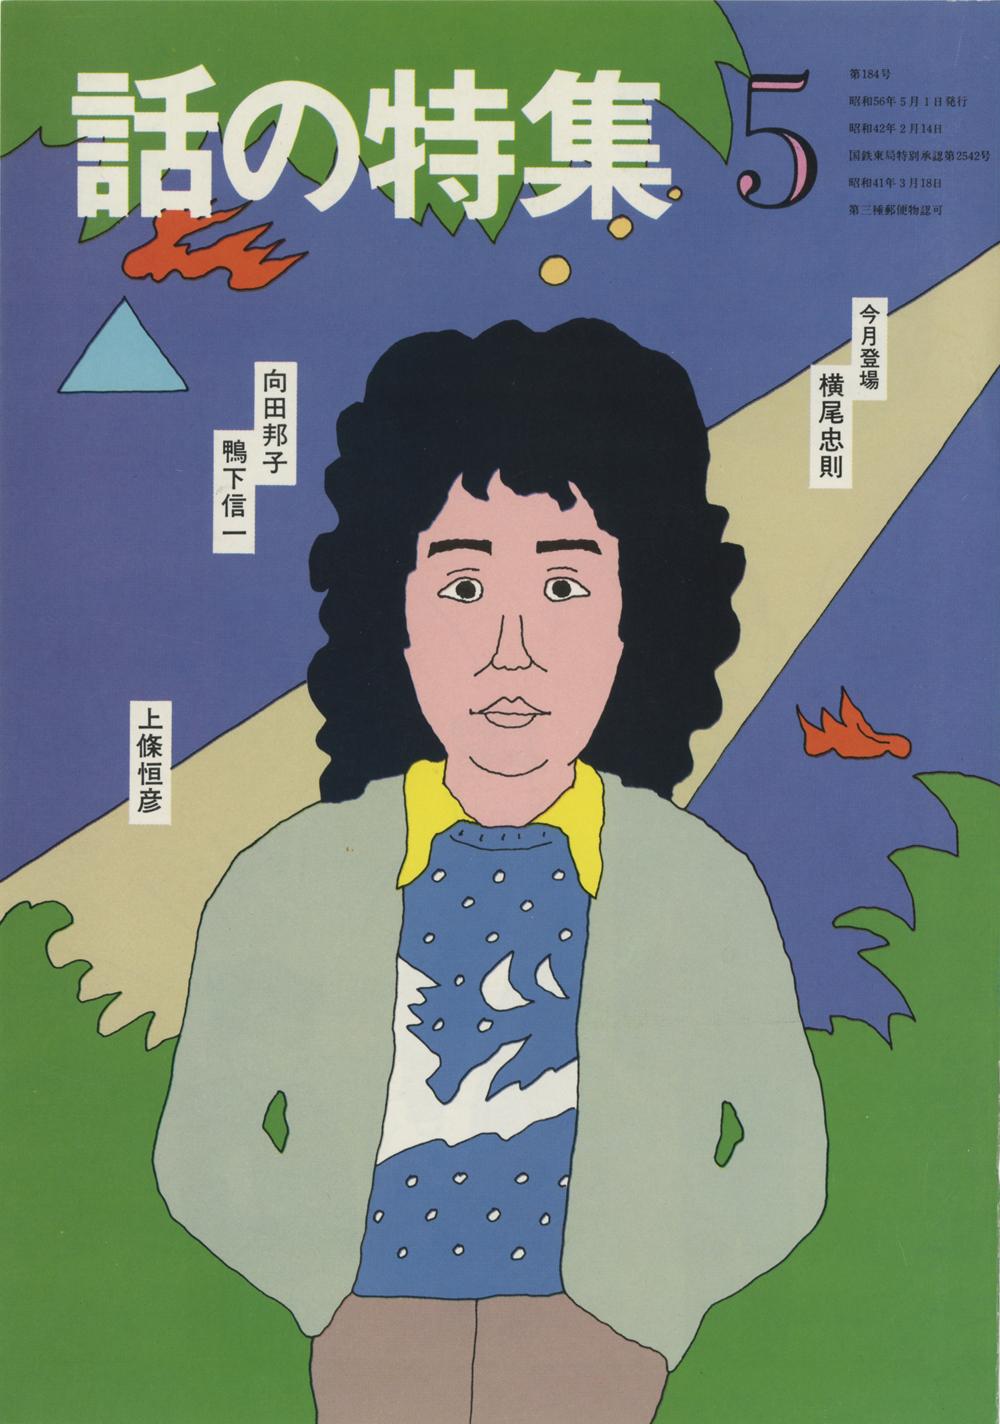 横尾忠則を表紙モデルにした「話の特集」〈1981年〉。この雑誌で、和田はアートディレクターを務めた。「イラストレーション=○○」とイラストレーターの名前を記載するなど、イラストレーションをアピールした。